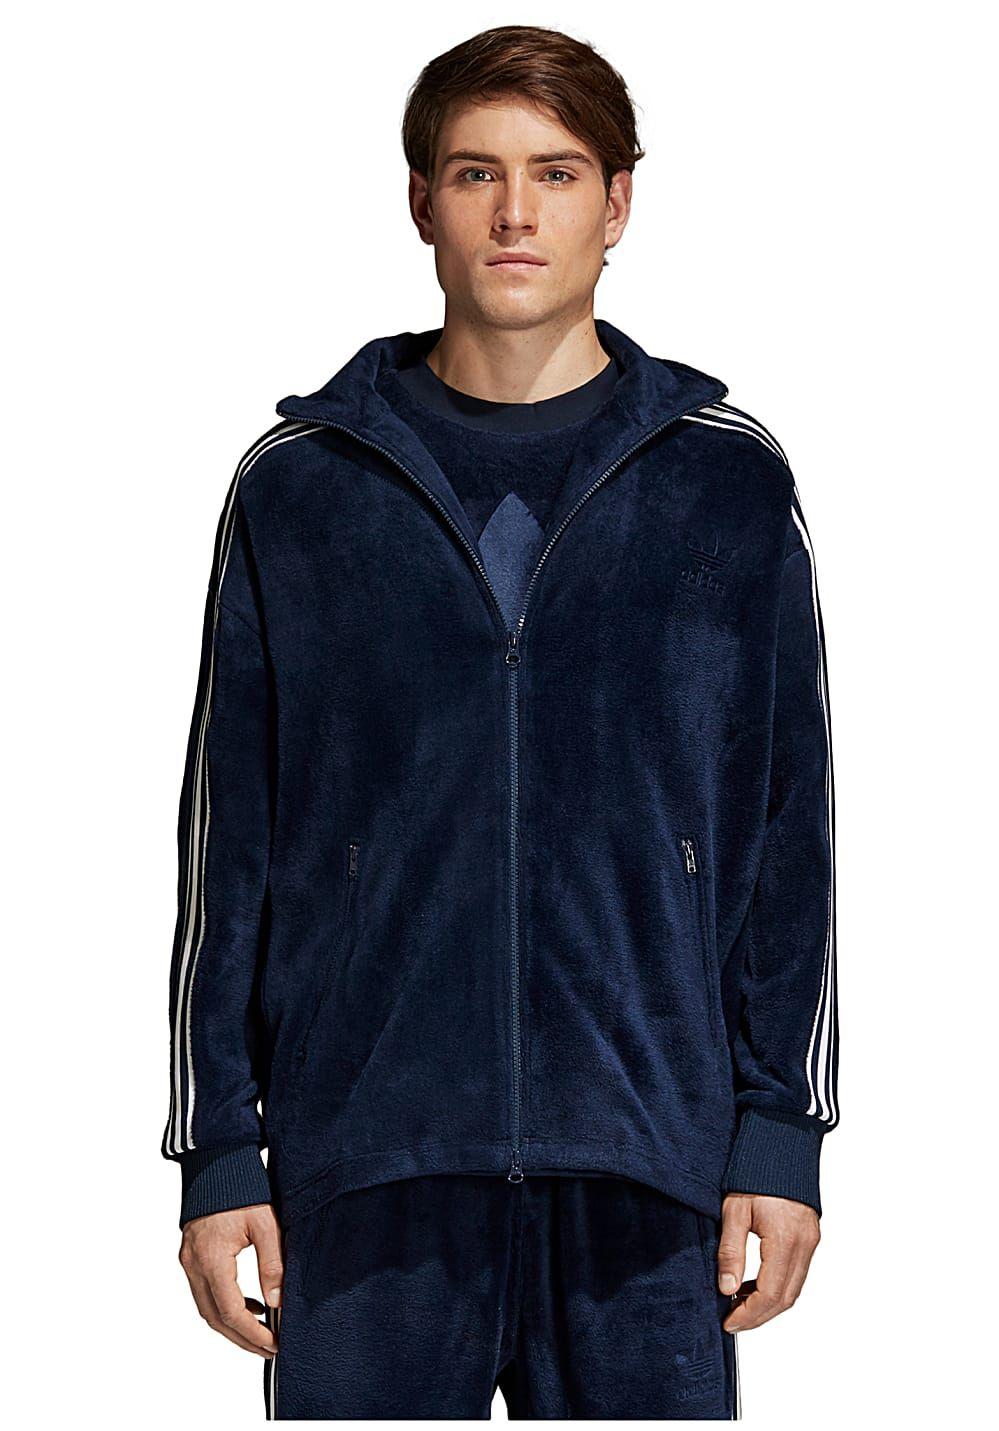 Homme Pour Adidas Survêtement Veste Bb Velour De Bleu WYUwqFgU